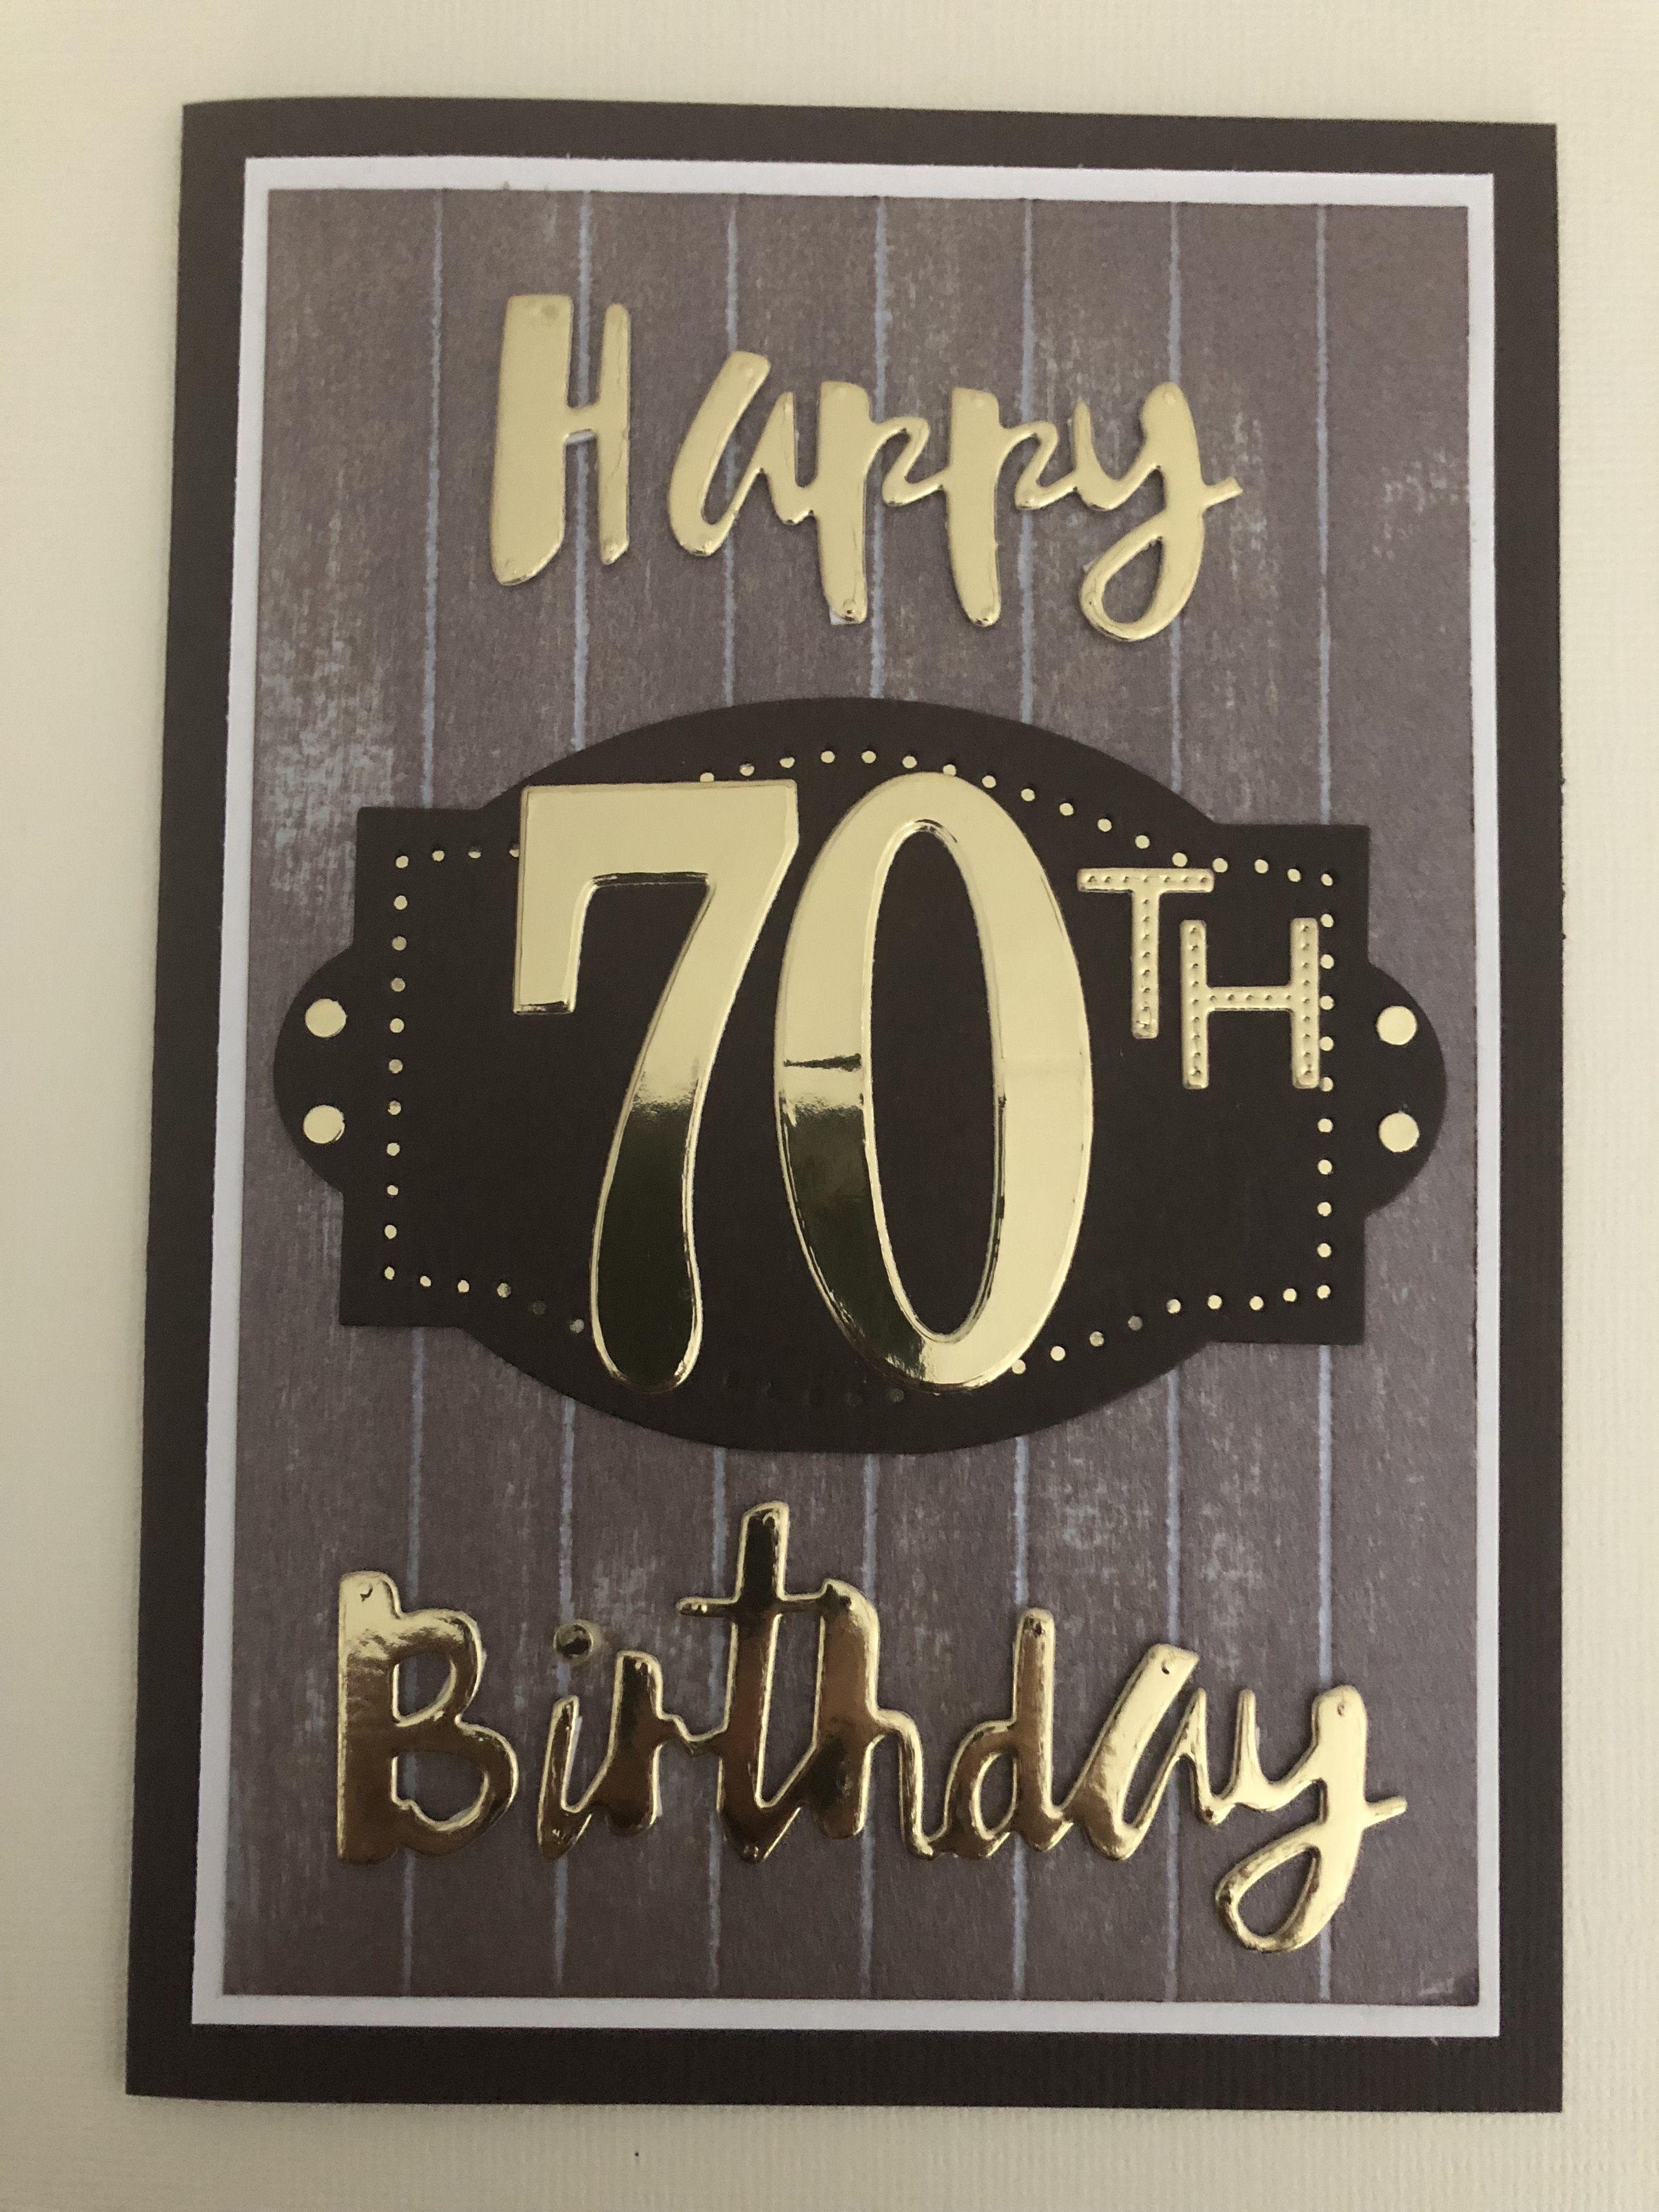 70th Birthday Card By Elizabeth 70th Birthday Card Birthday Cards For Men 60th Birthday Cards